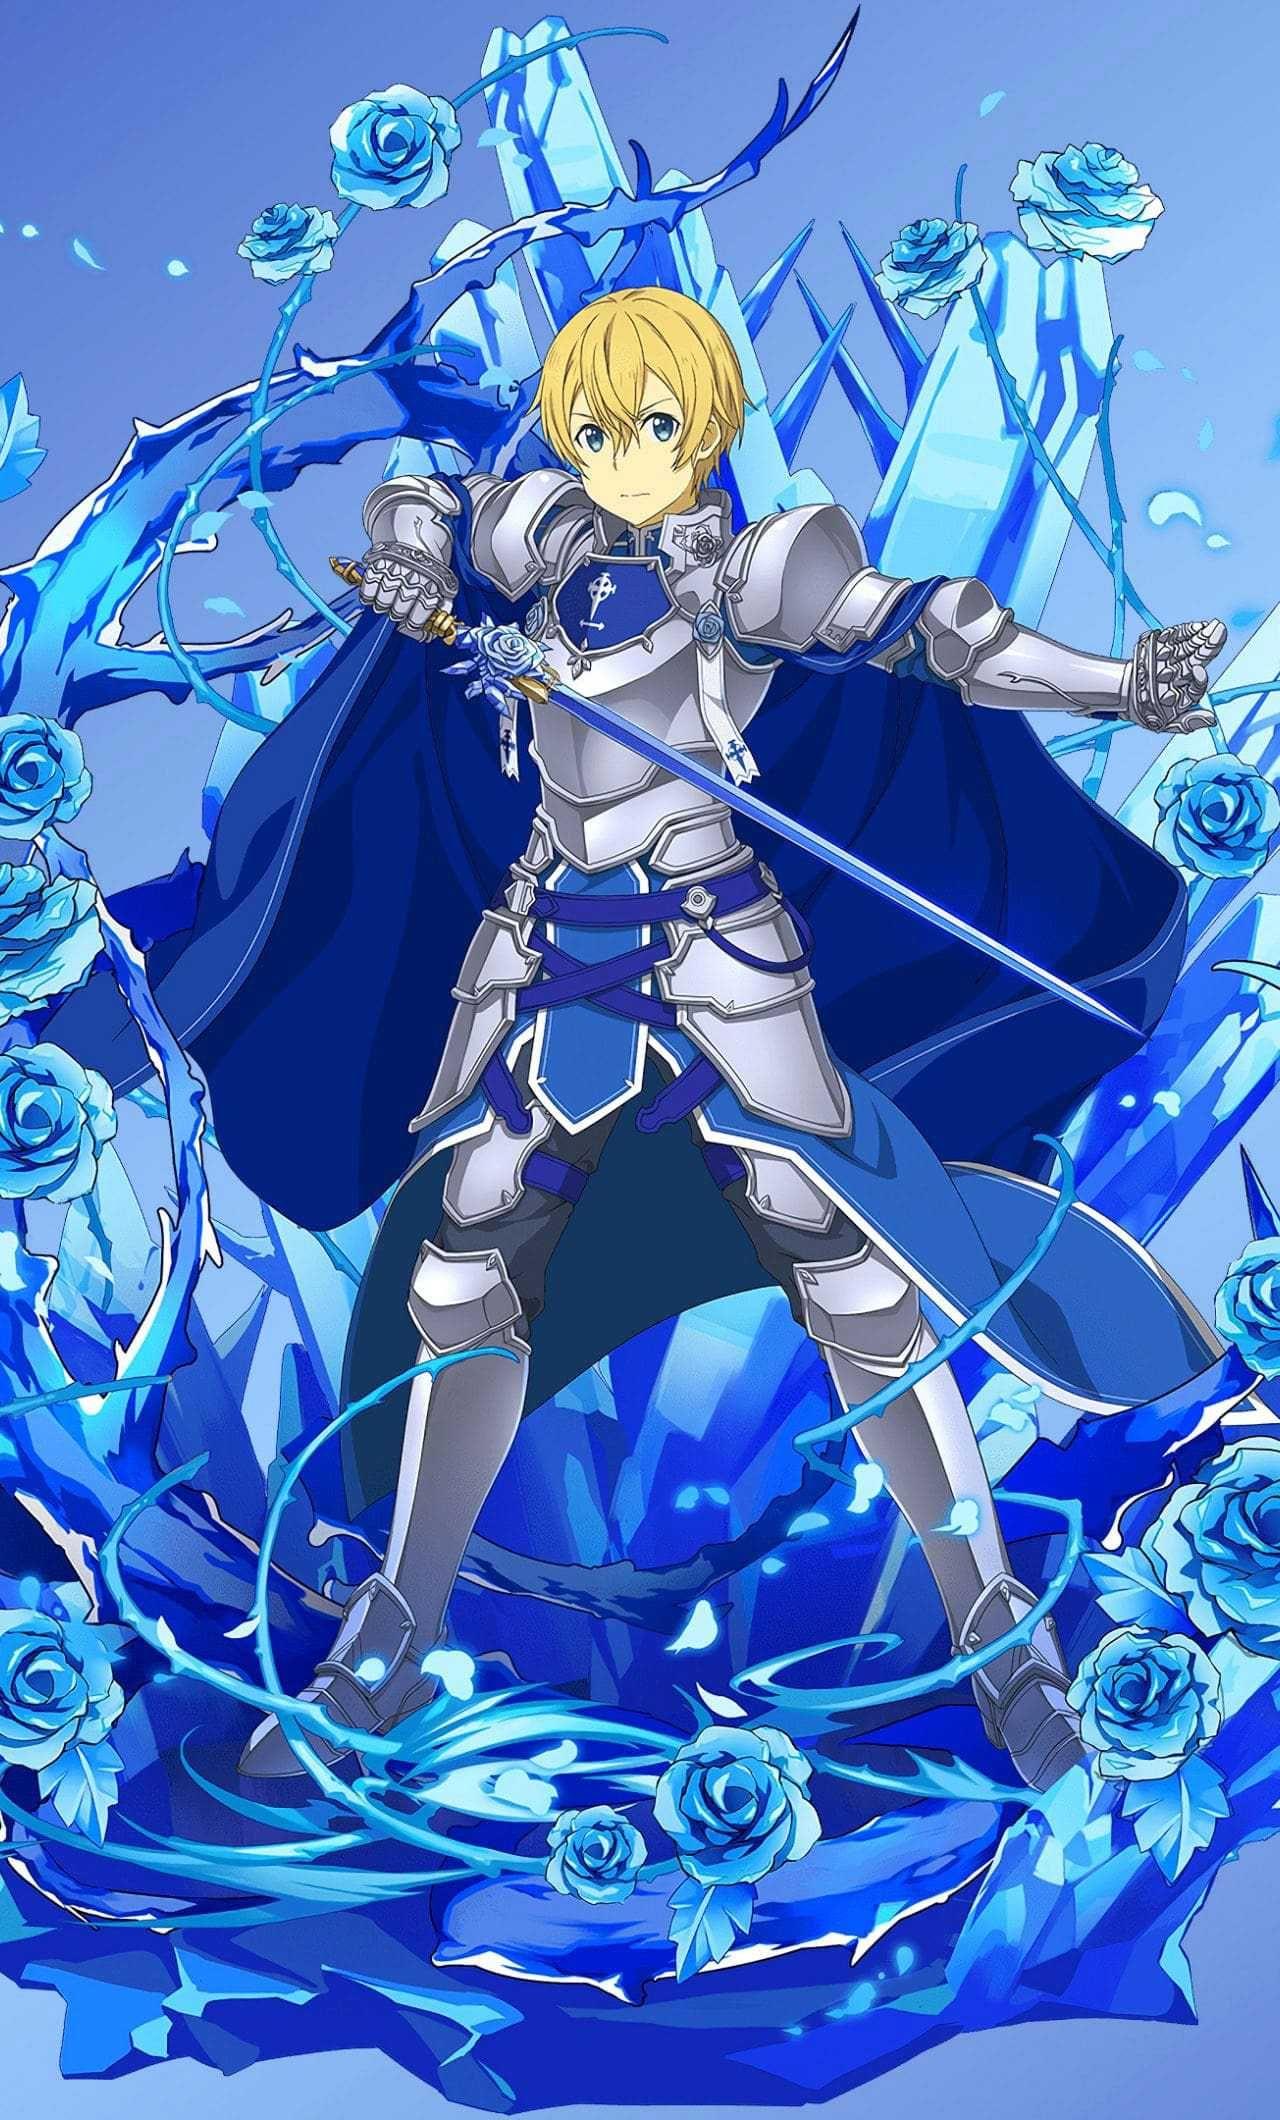 Sword Art Online Wallpaper - iXpap